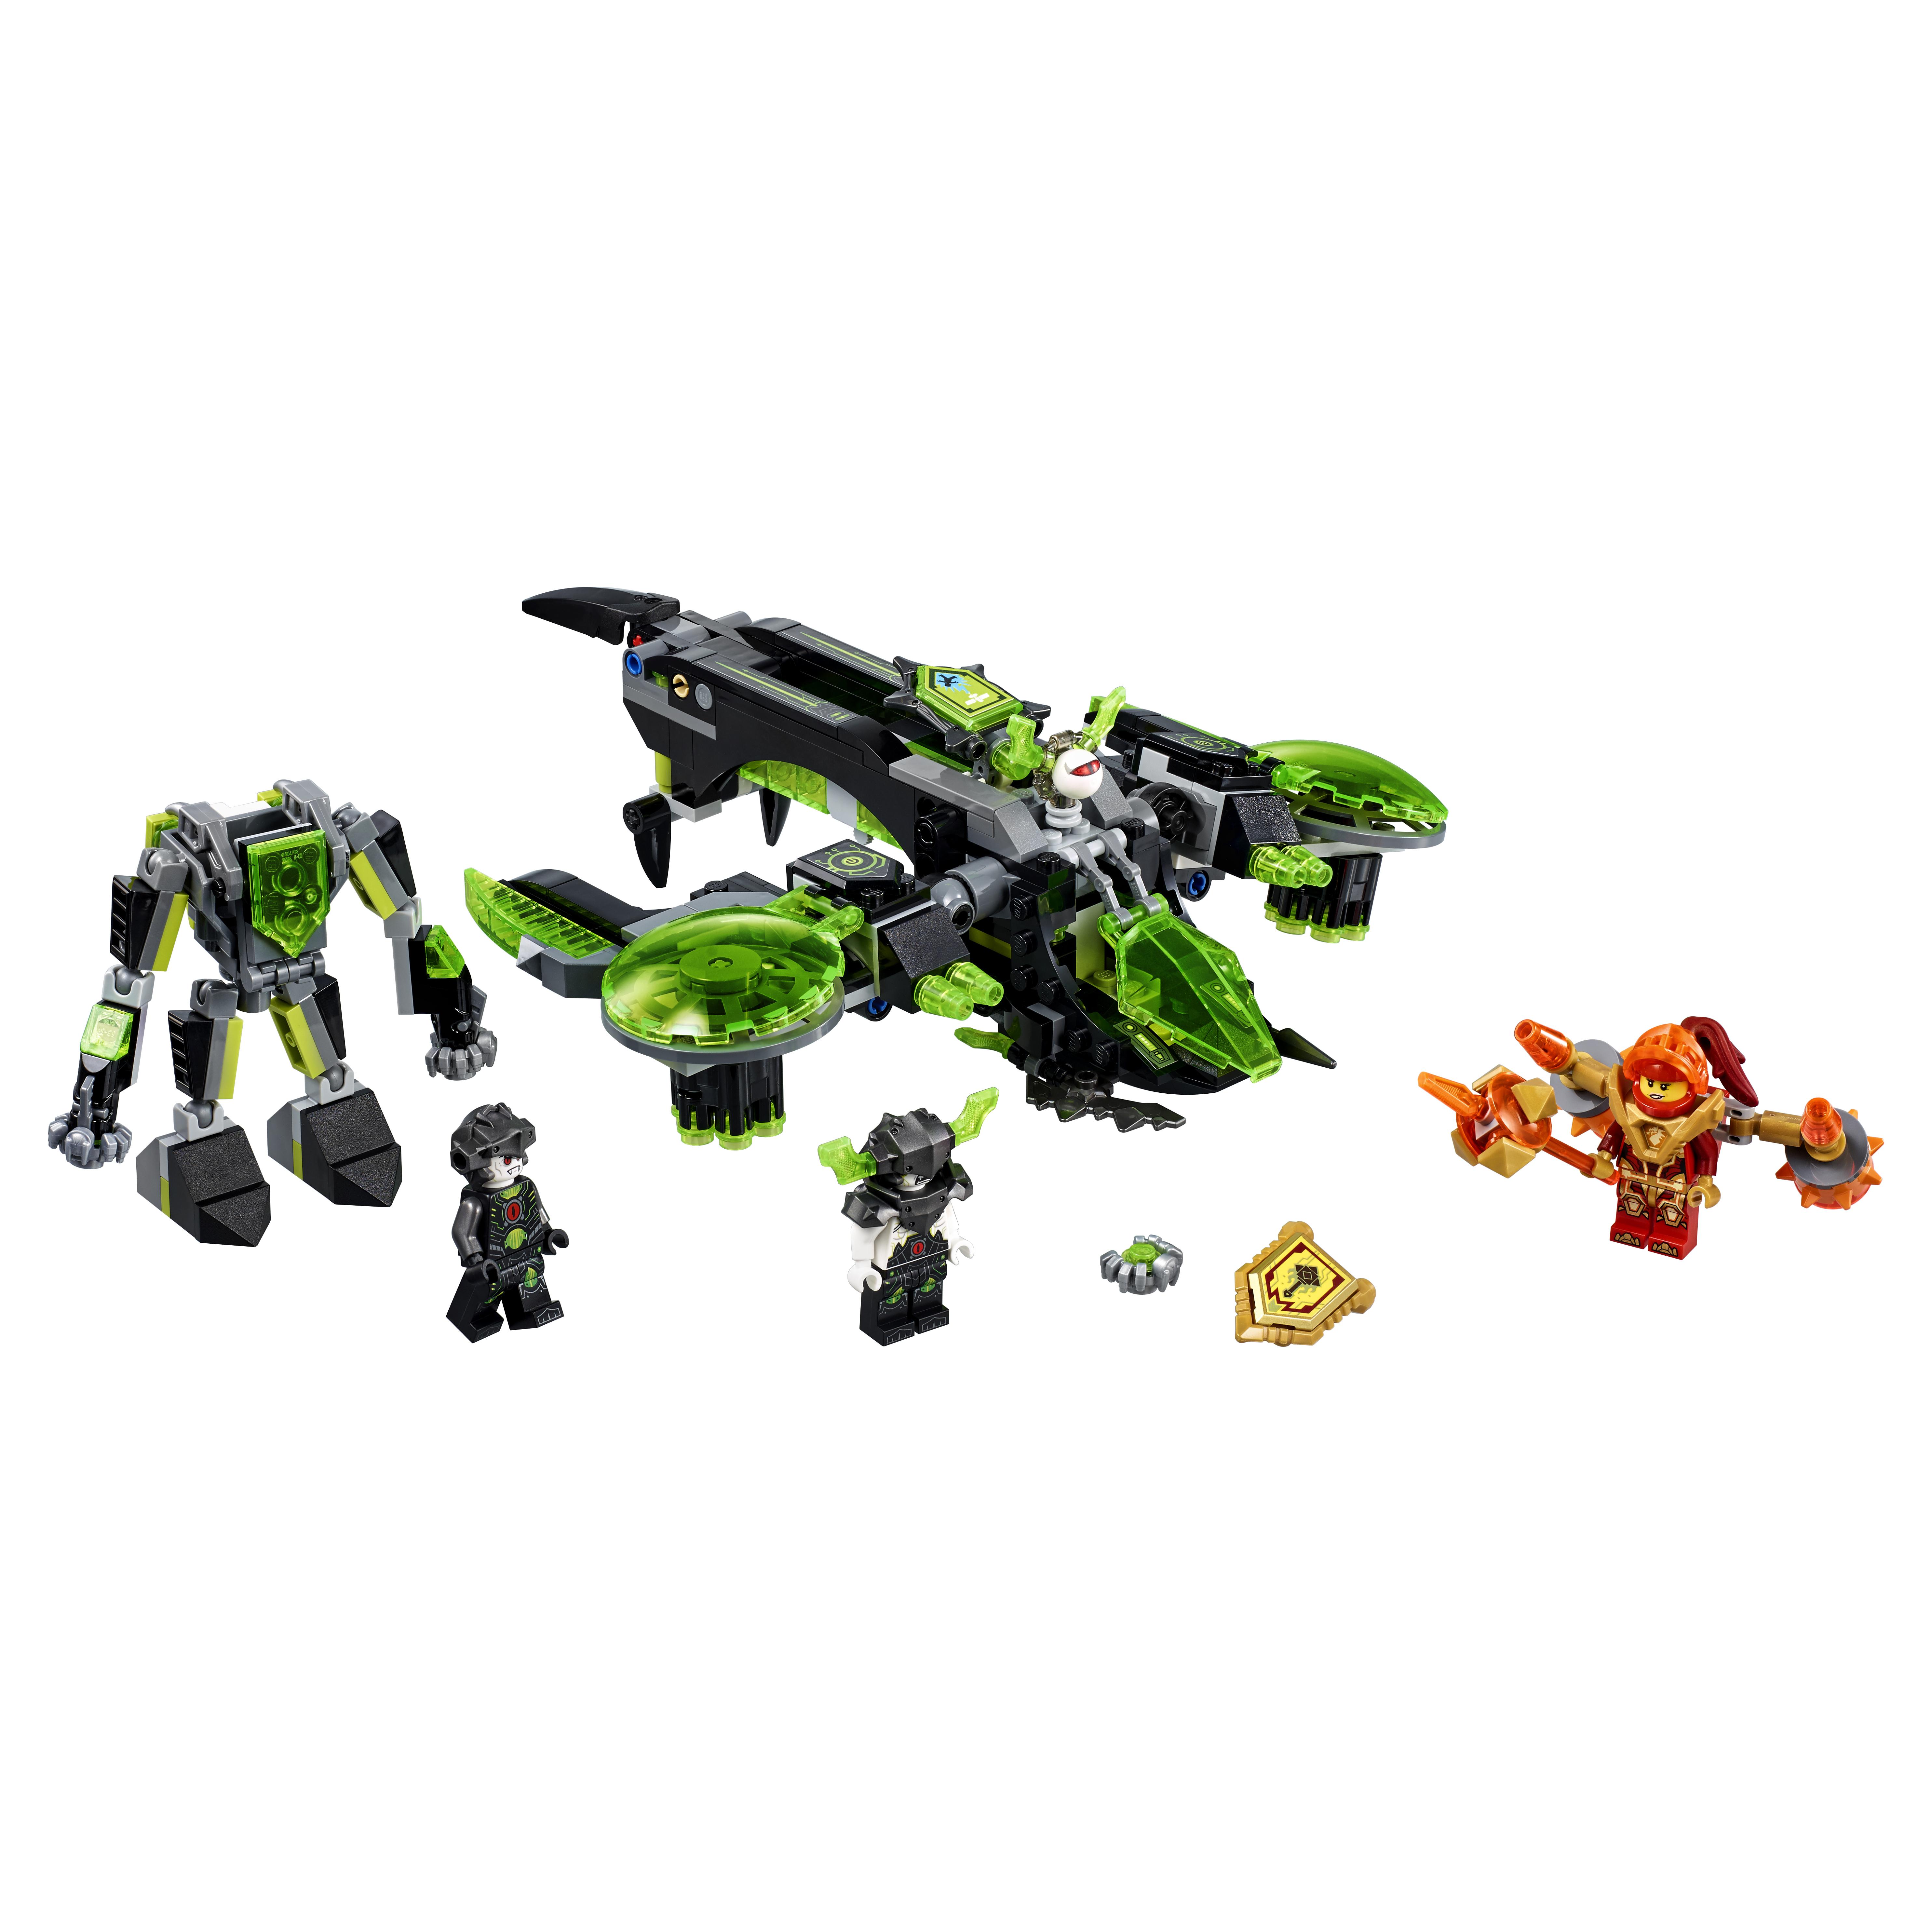 Конструктор LEGO Nexo Knights Неистовый бомбардировщик (72003) конструктор lego nexo knights неистовый бомбардировщик (72003)